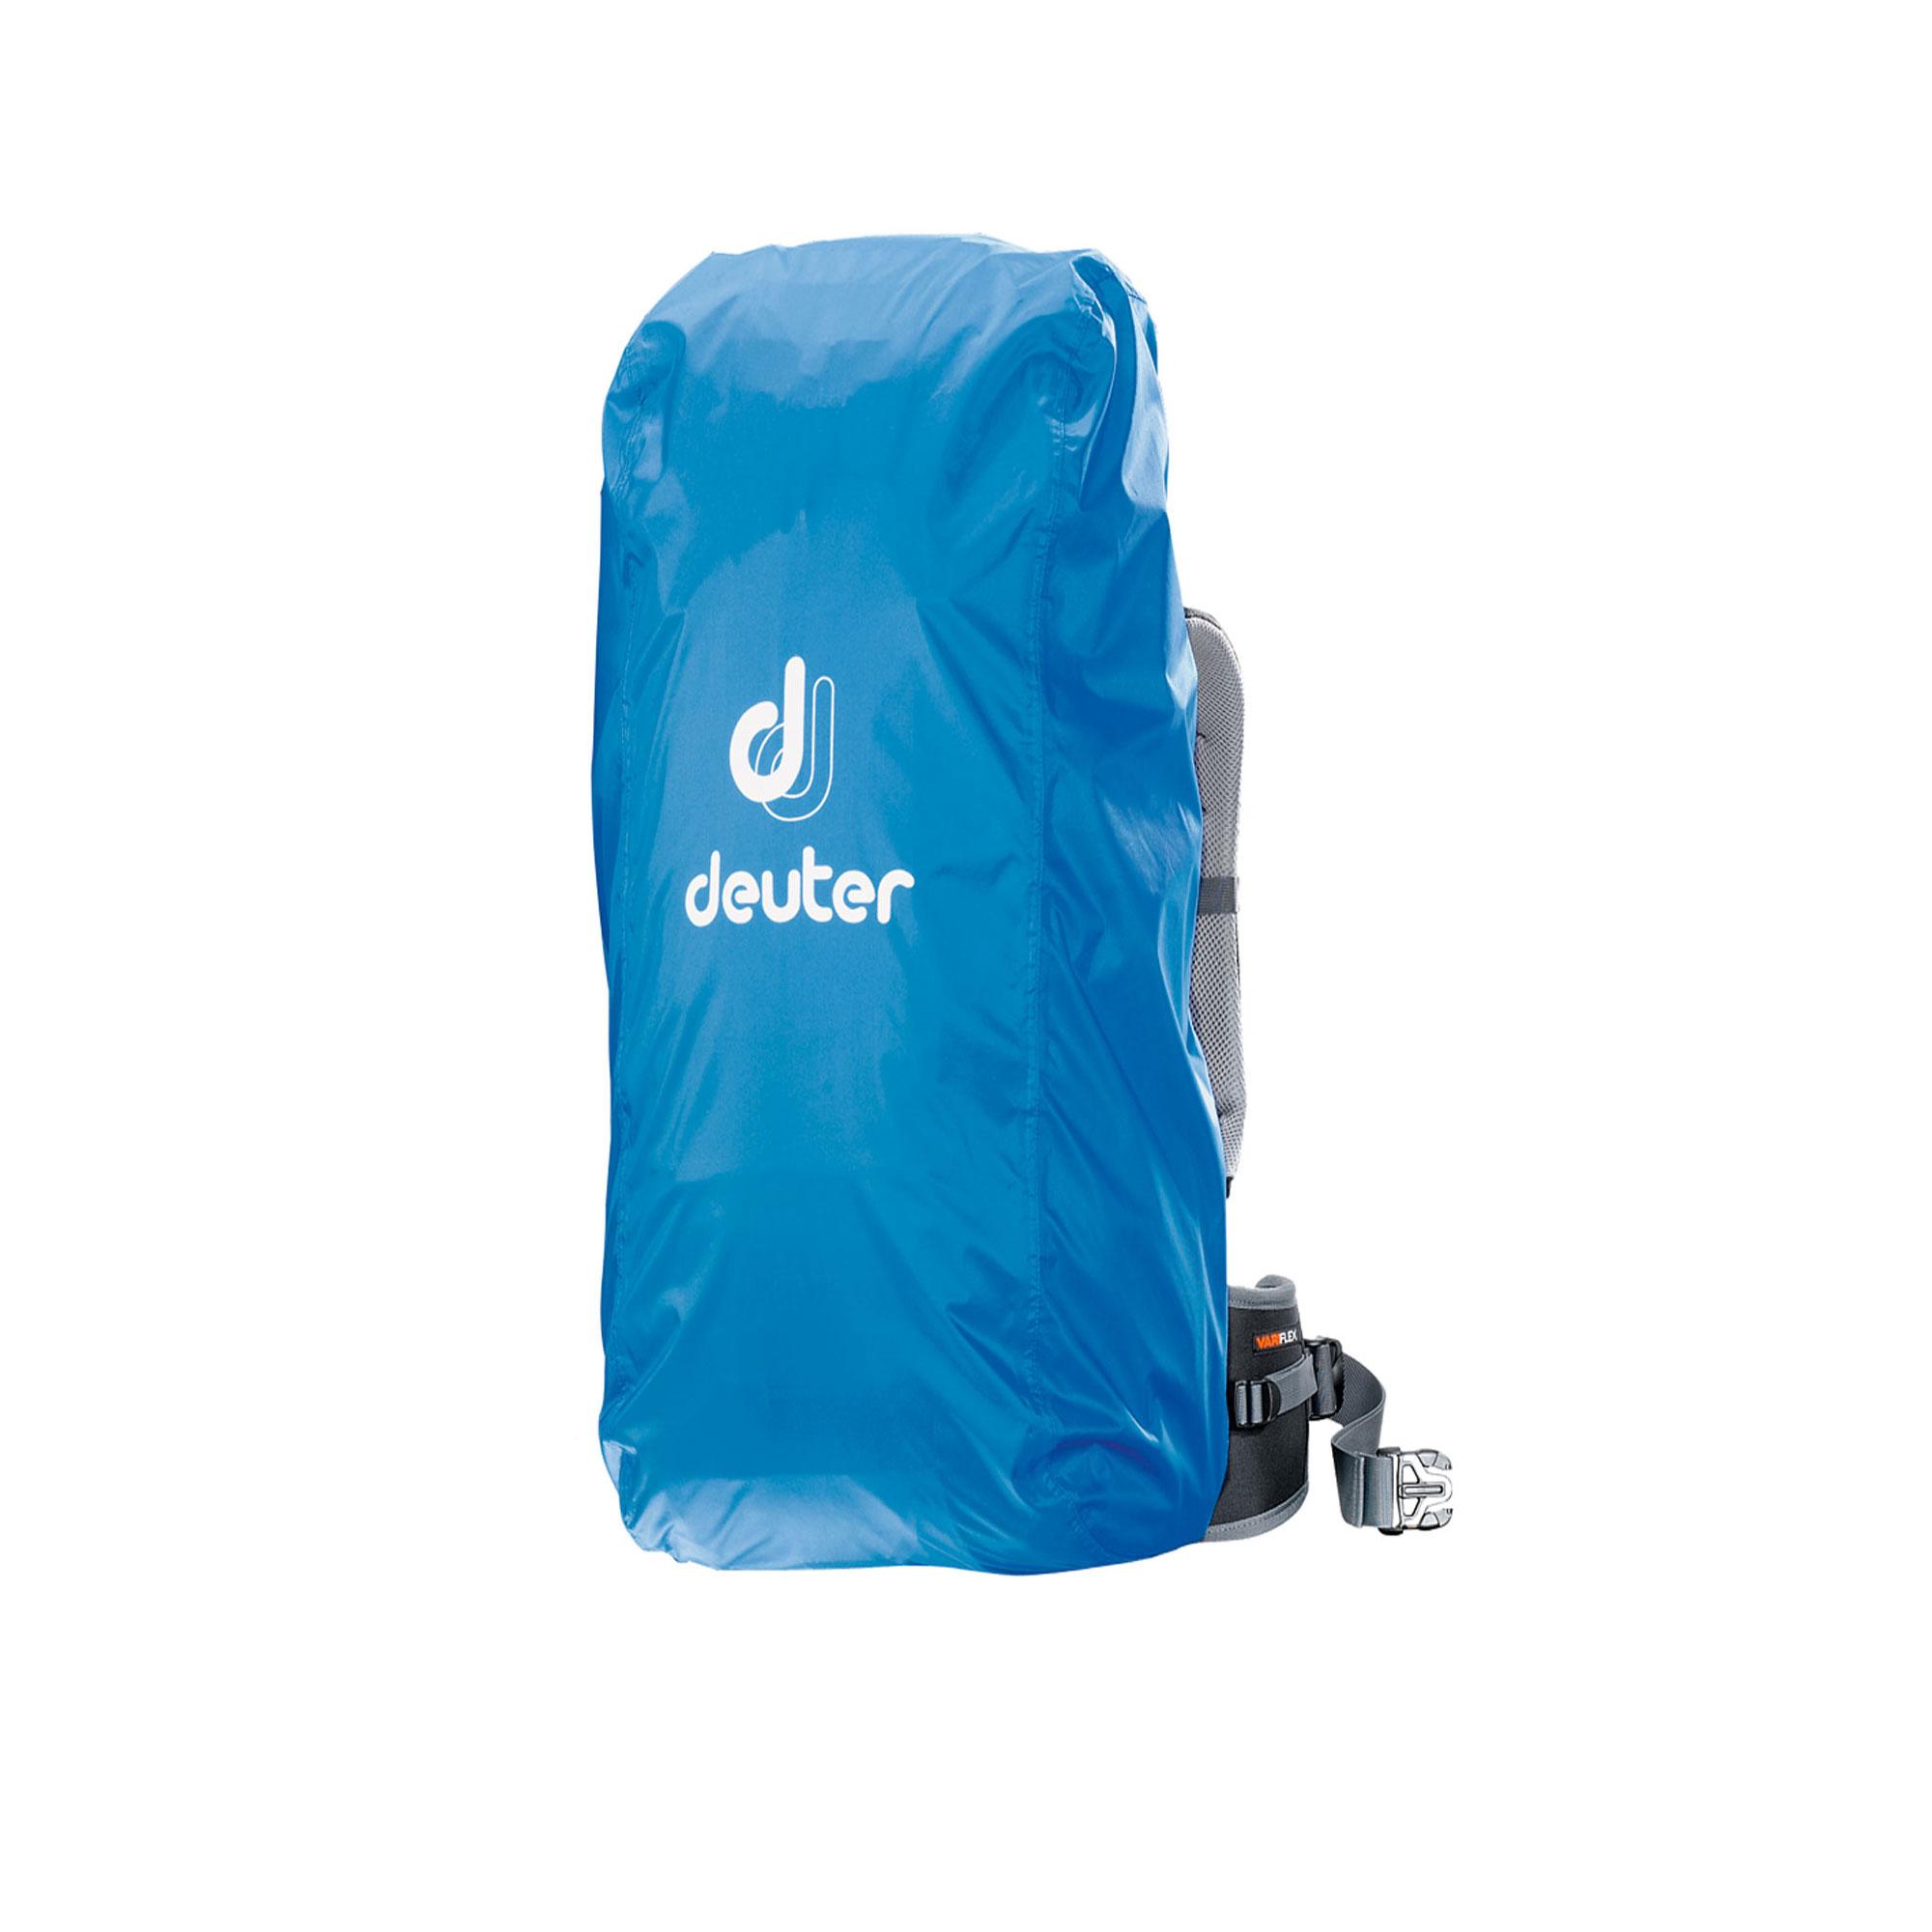 Deuter Regenschutz Raincover II 39530-3013